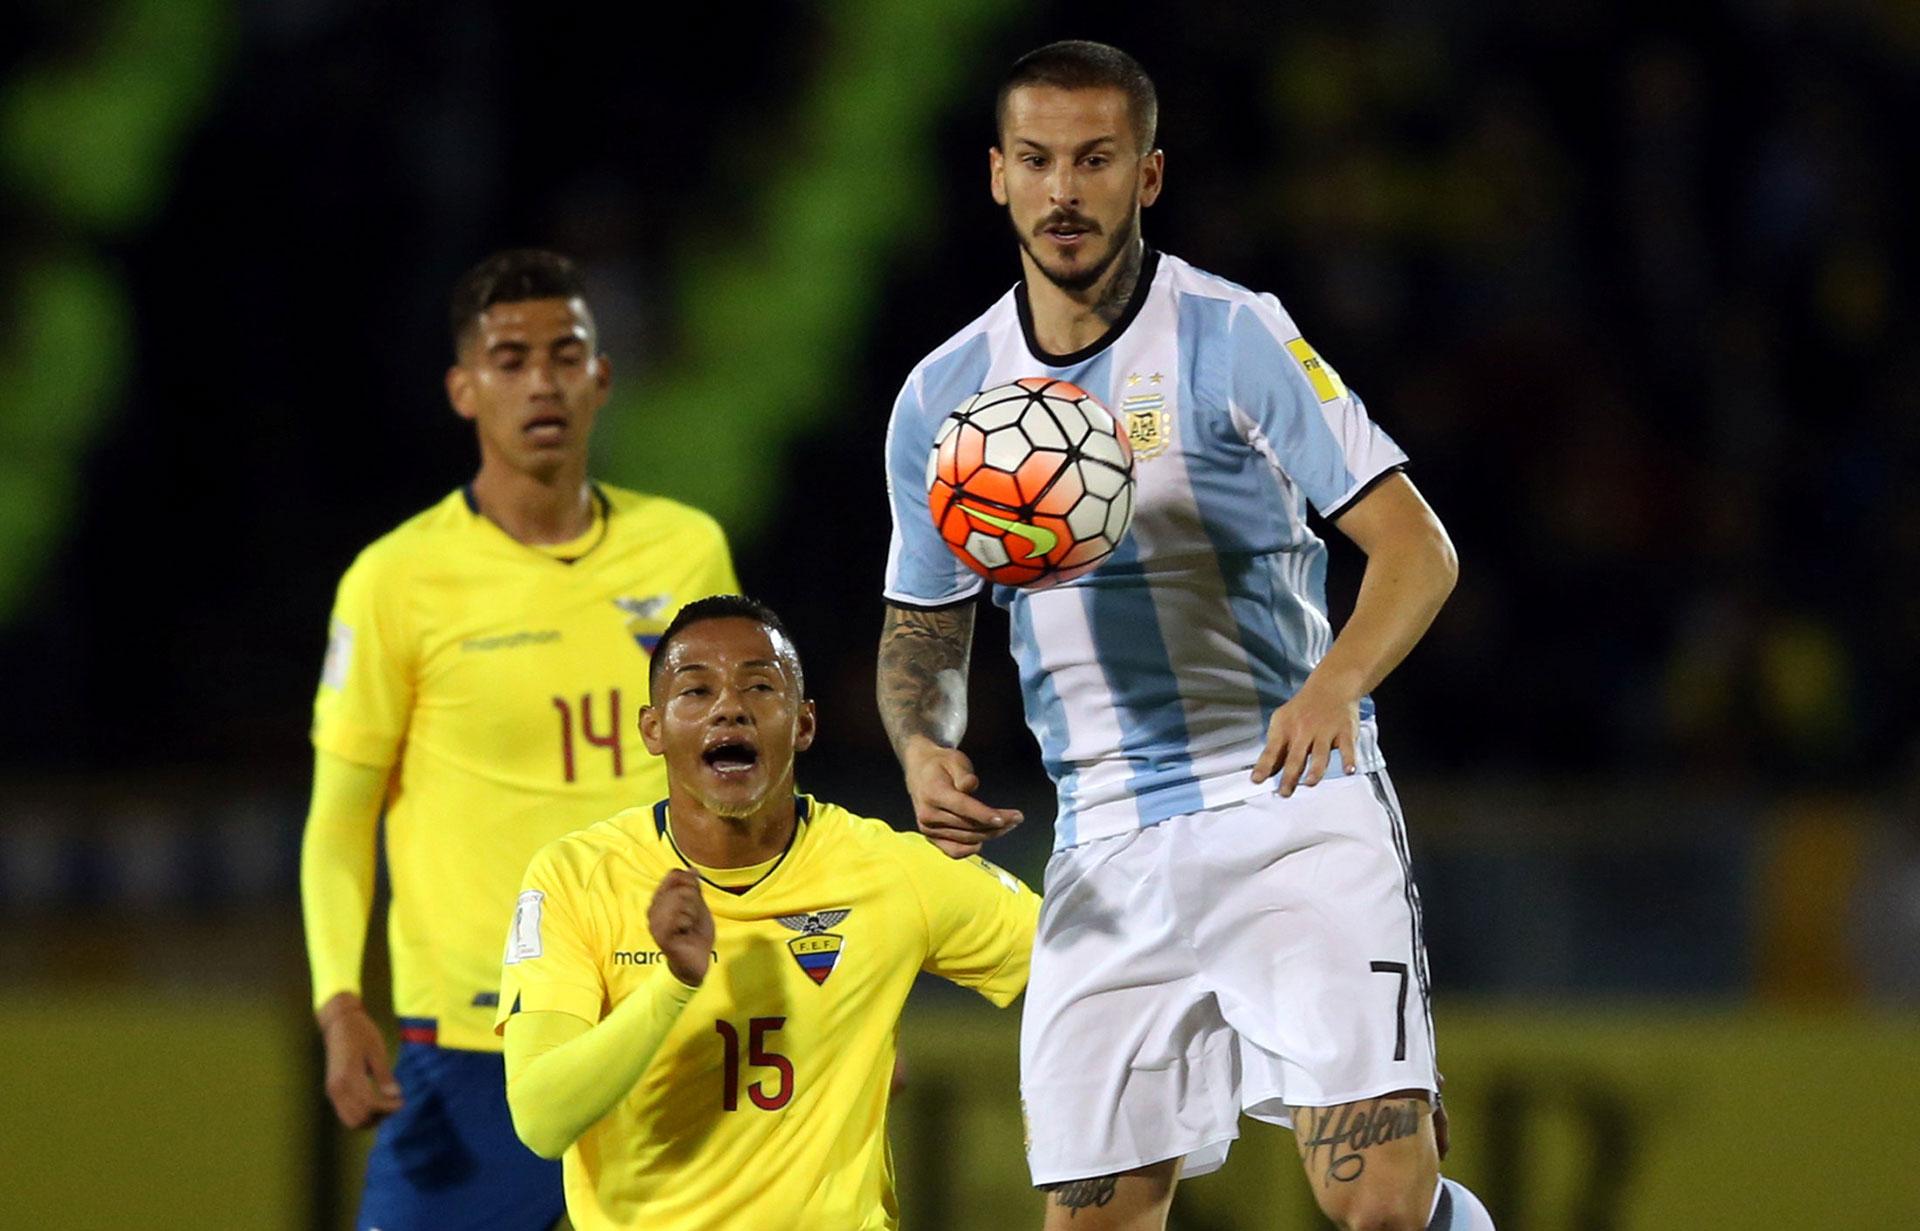 Benedetto se peleó con los centrales y ayudó en la pelota parada defensiva